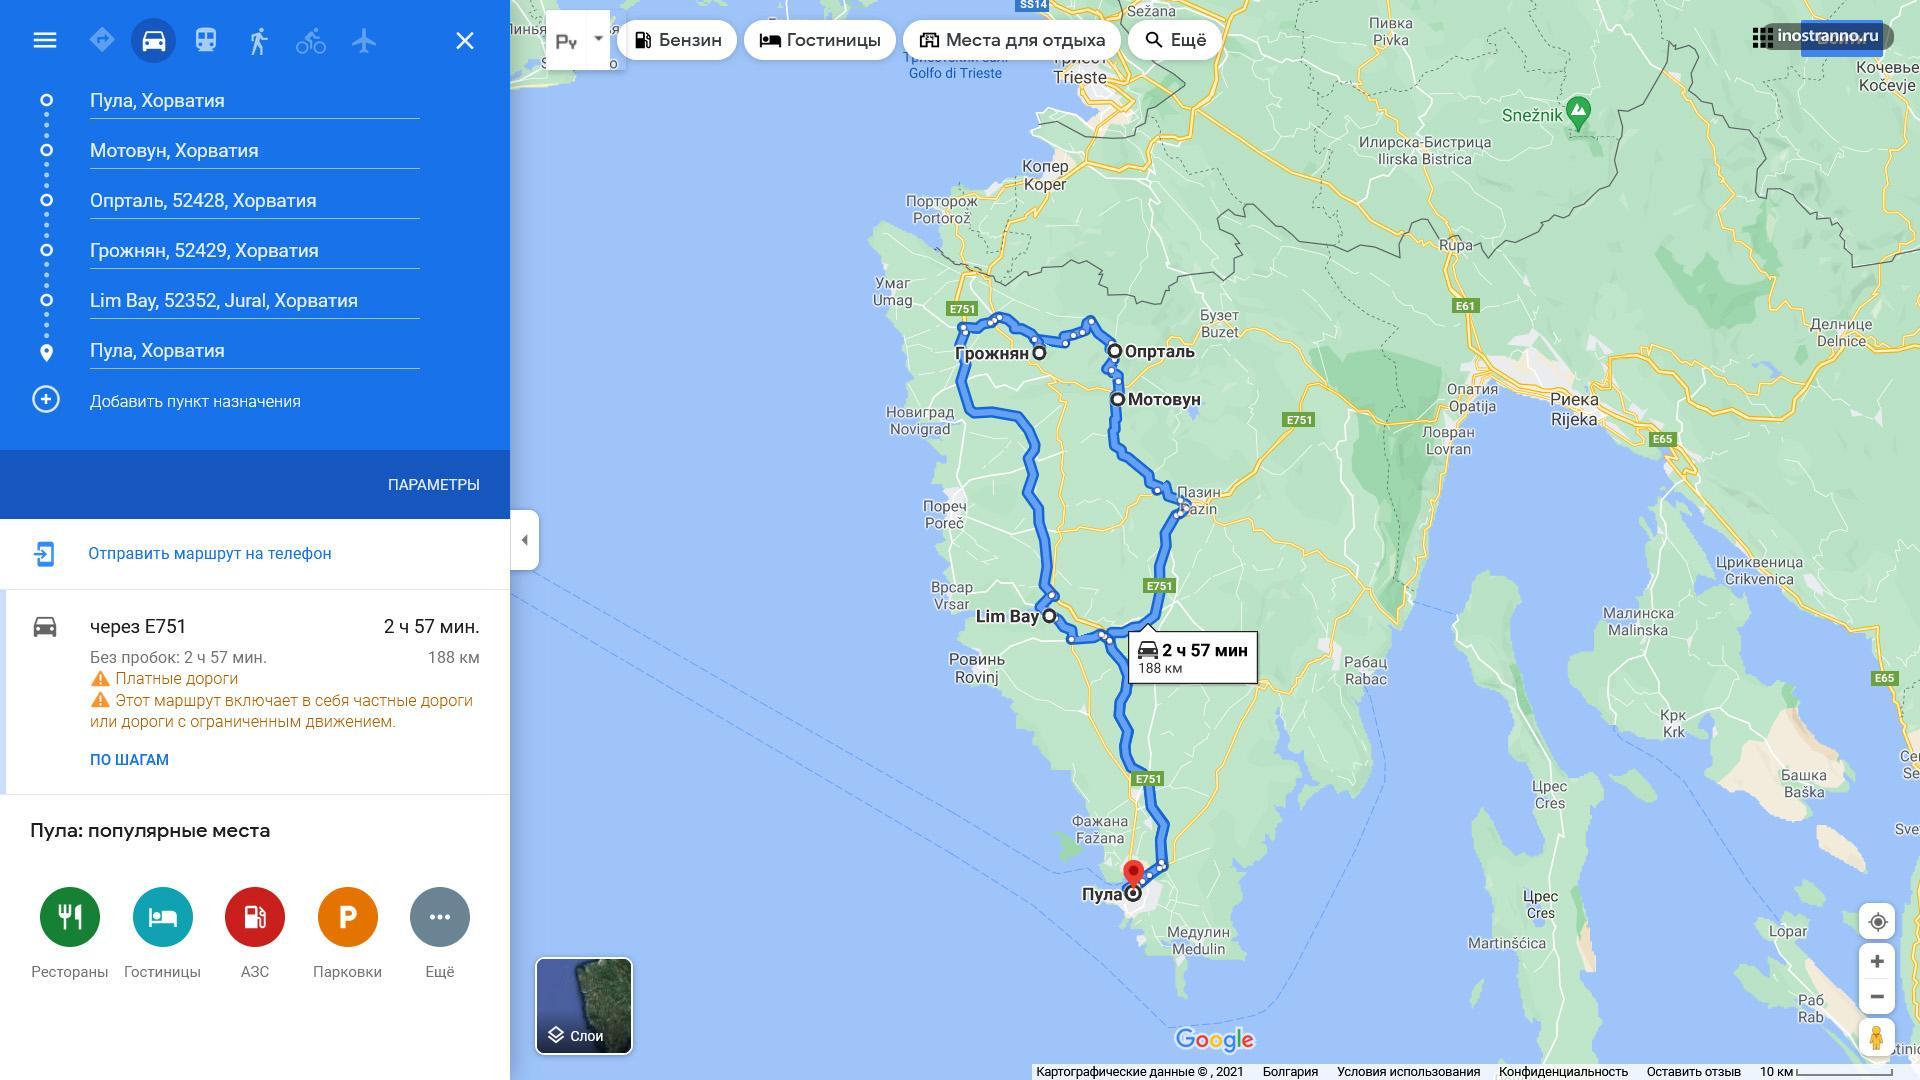 Маршрут автопутешествия по Истрии на карте